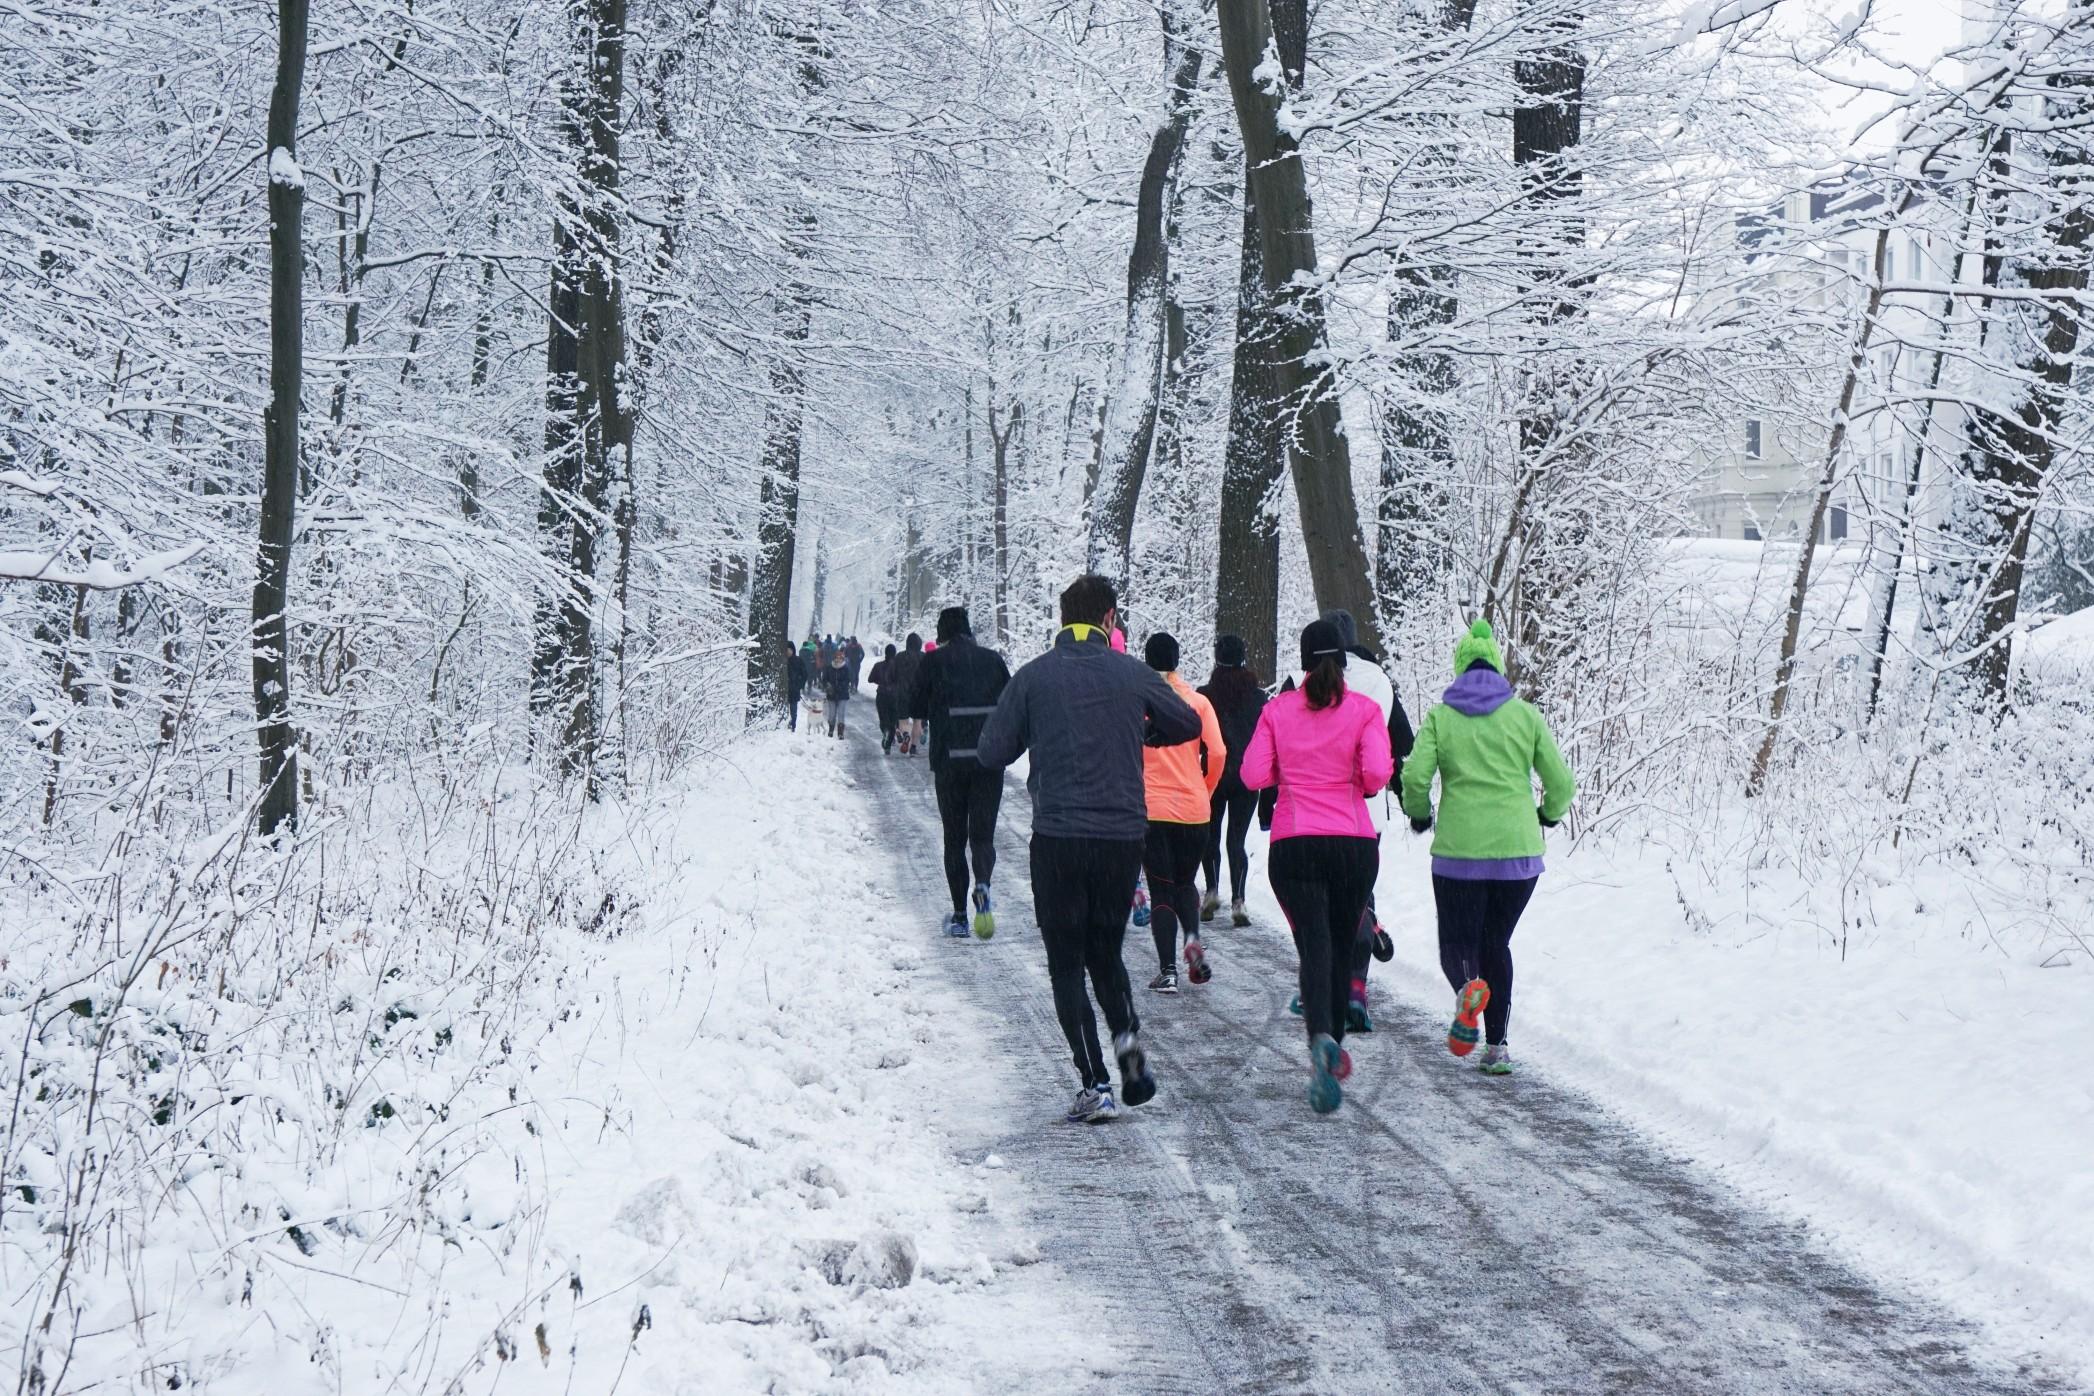 Bieganie zimą - jak biegać na mrozie? - mgr Fryderyk Festiwal - blog osobisty